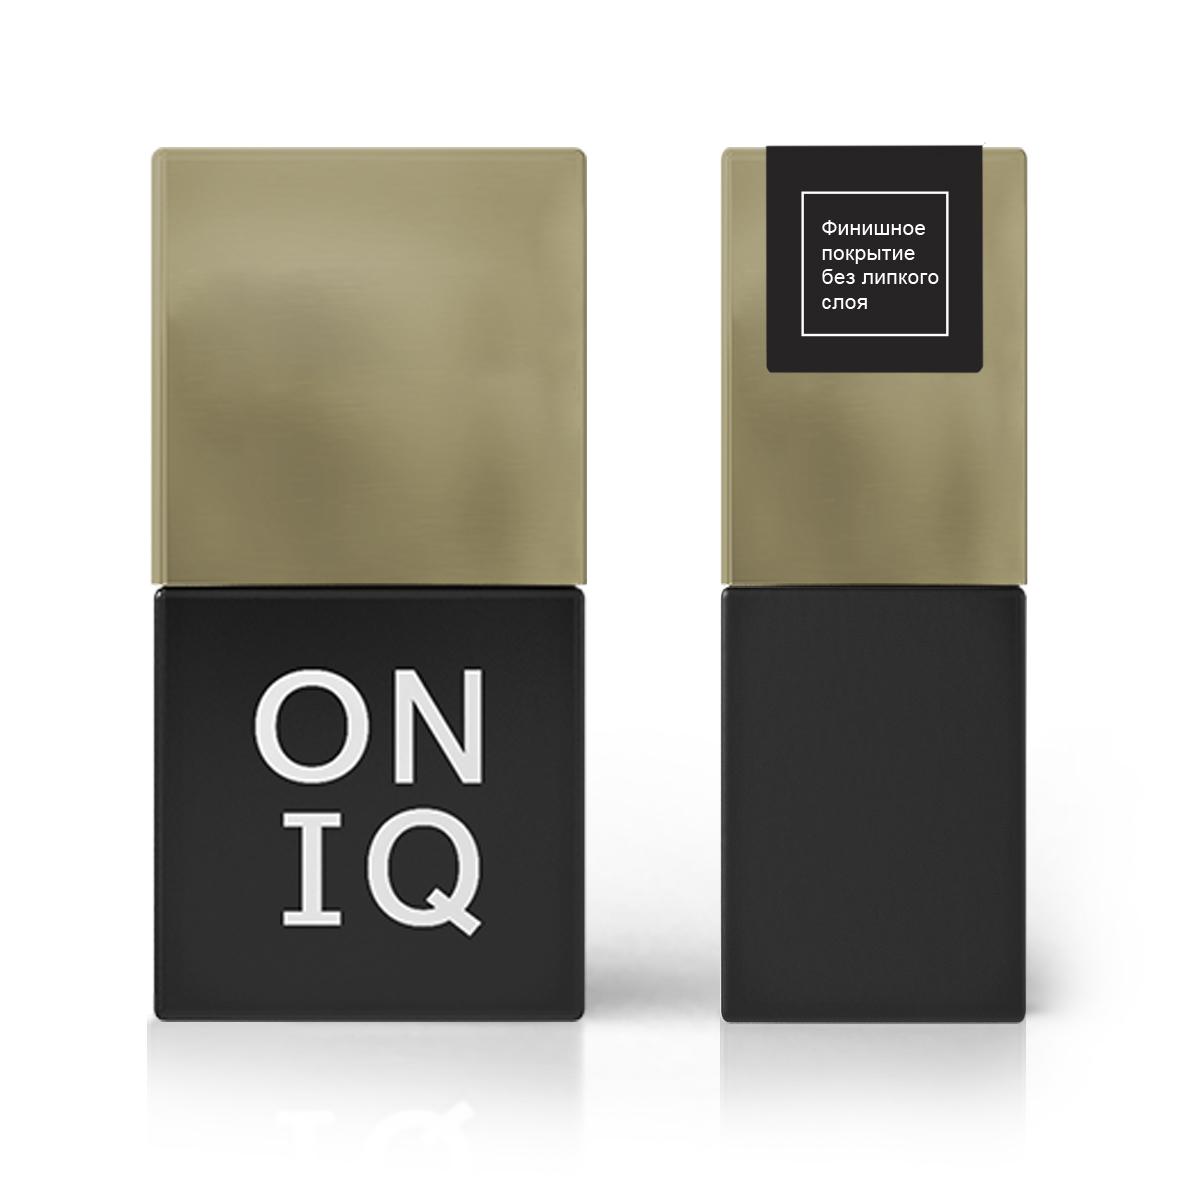 ONIQ Покрытие финишное без липкого слоя 10 мл - Особые средства